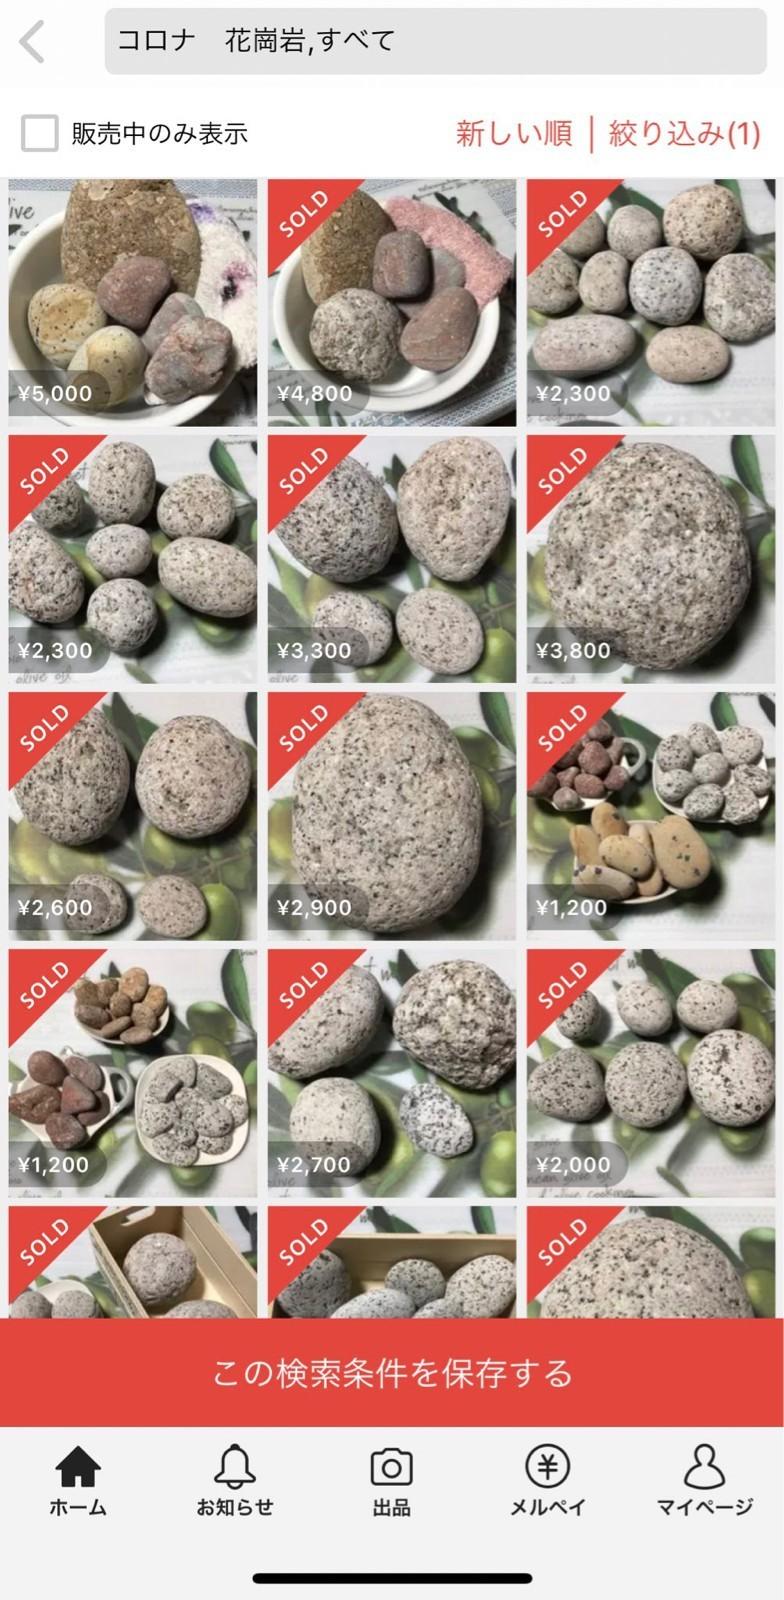 有人發現,日本網購平台上出現大量標榜能對抗武漢肺炎的高價花崗岩。(圖擷自neuro_gucci@Twitter)